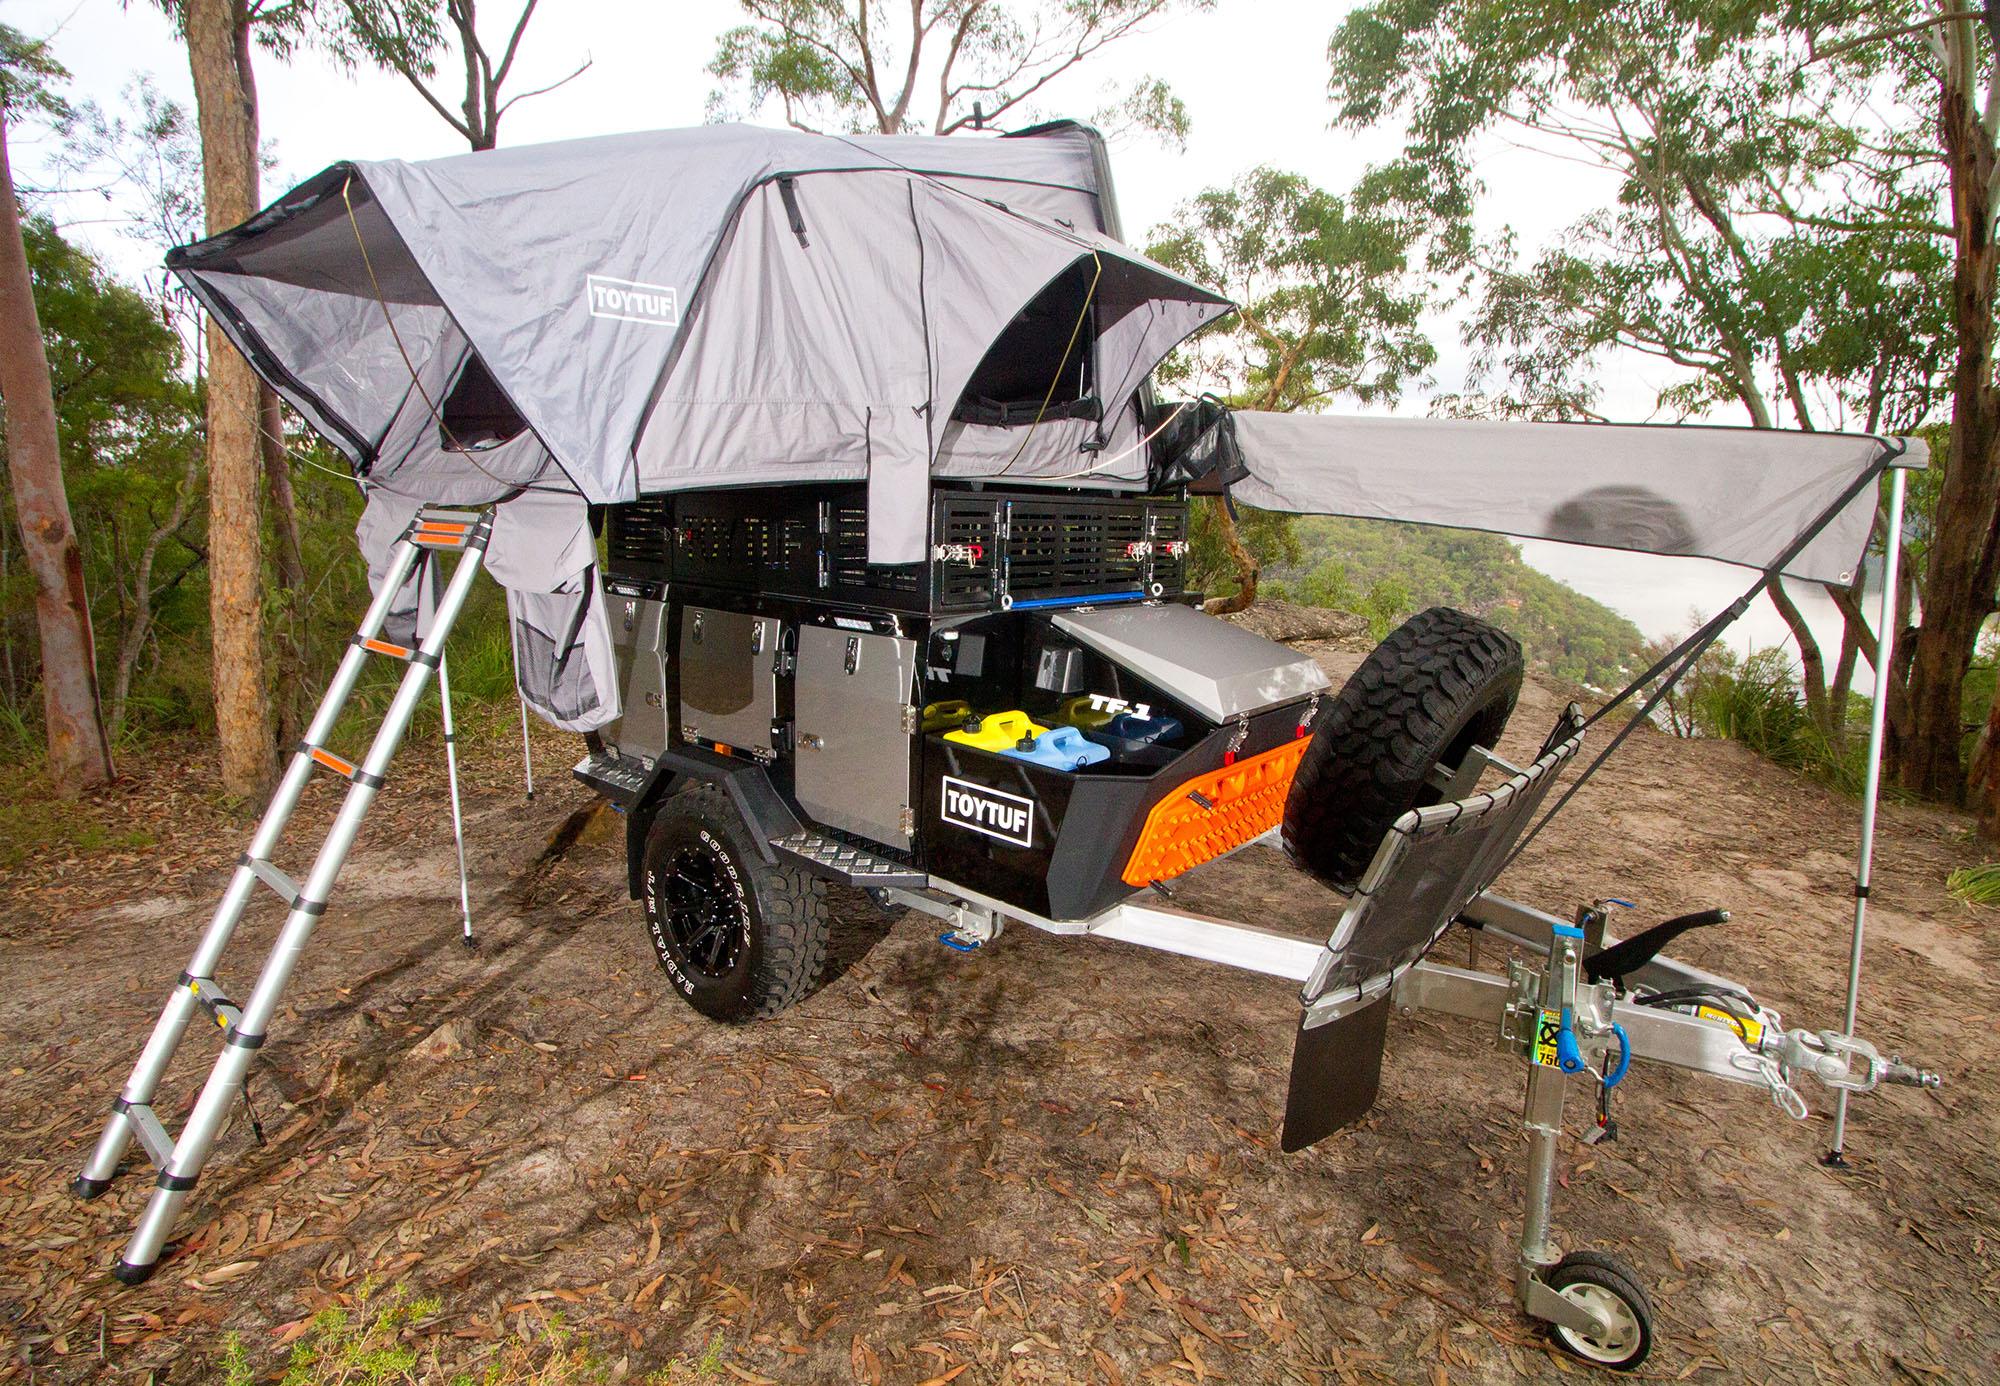 The camper fully set up